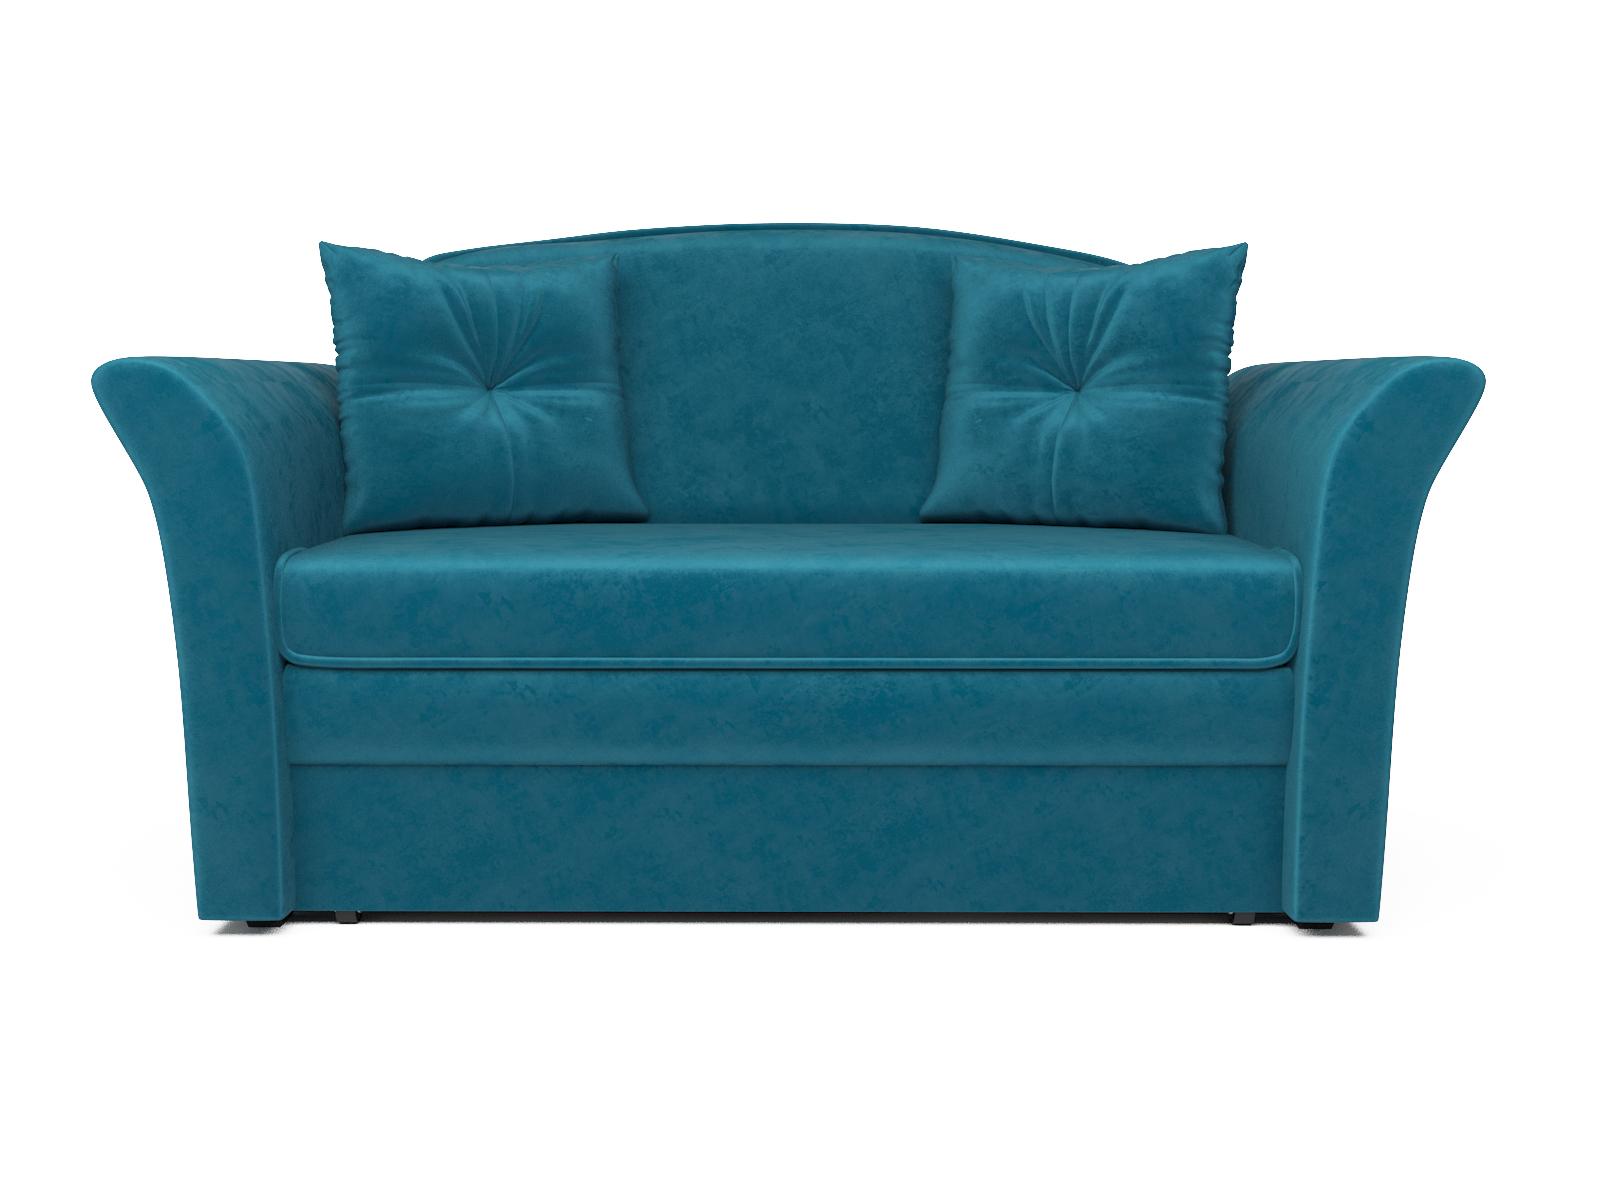 Фото - Диван Малютка 2 MebelVia , Синий, Вельвет бархатного типа, Брус сосны диван малютка 2 mebelvia синий велюр брус сосны